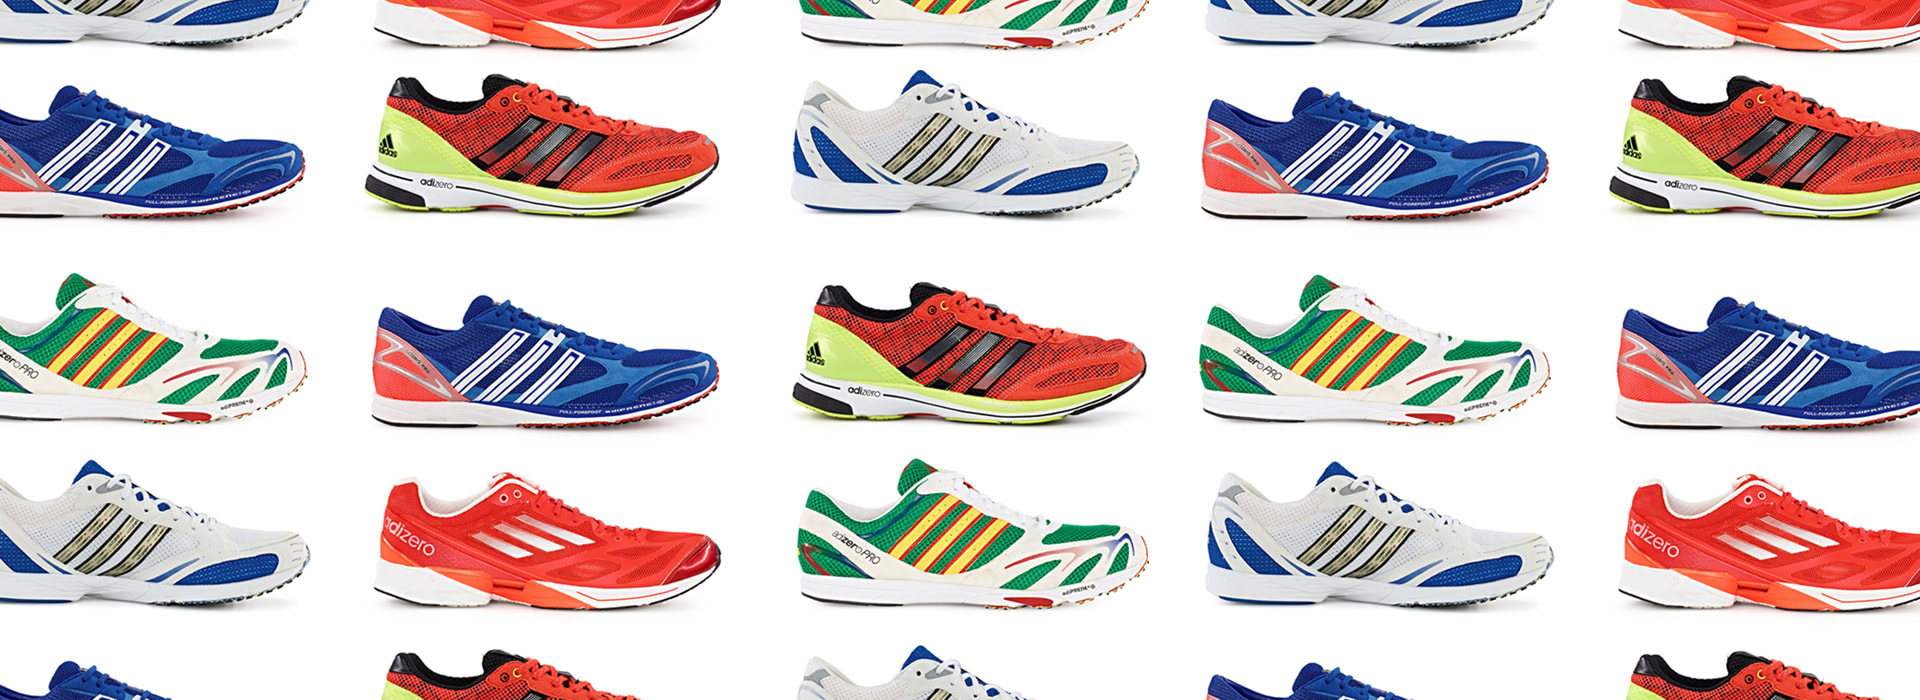 Scarpe adidas: l'evoluzione nel tempo di questo prodotto